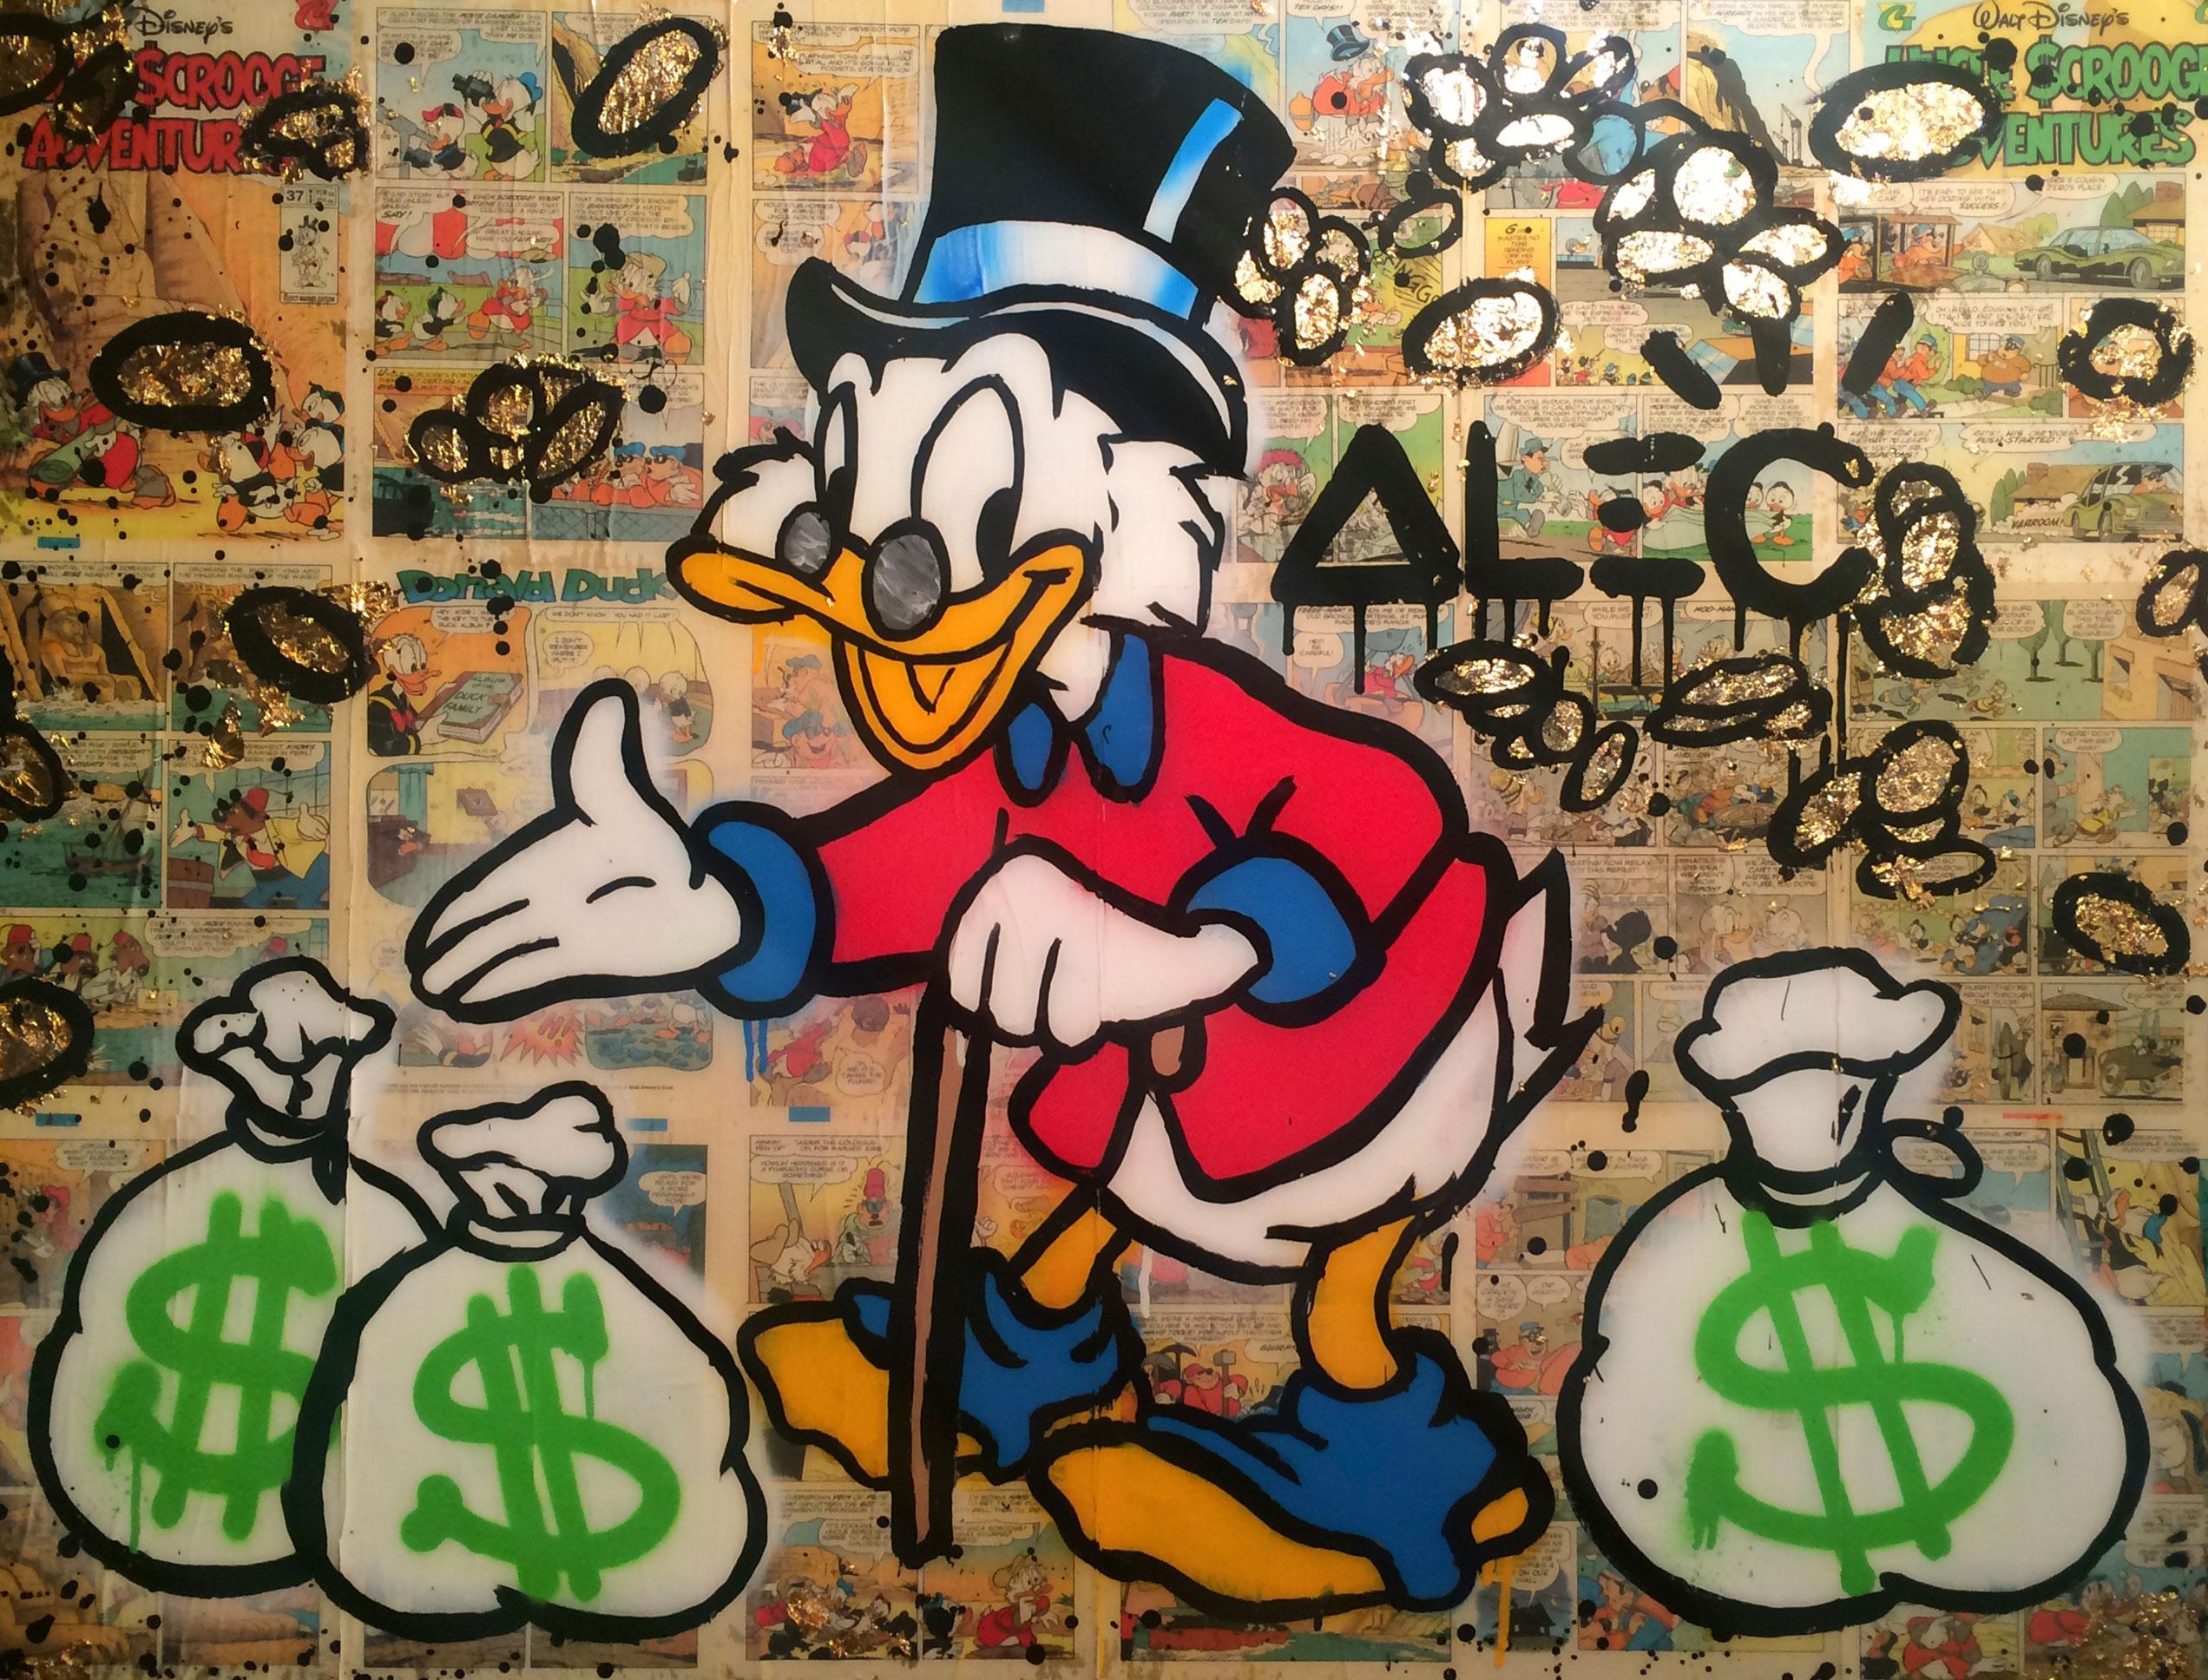 alec money graffiti monopoly DAFFY DUCK street art PRINT  A0 POSTER PAPER